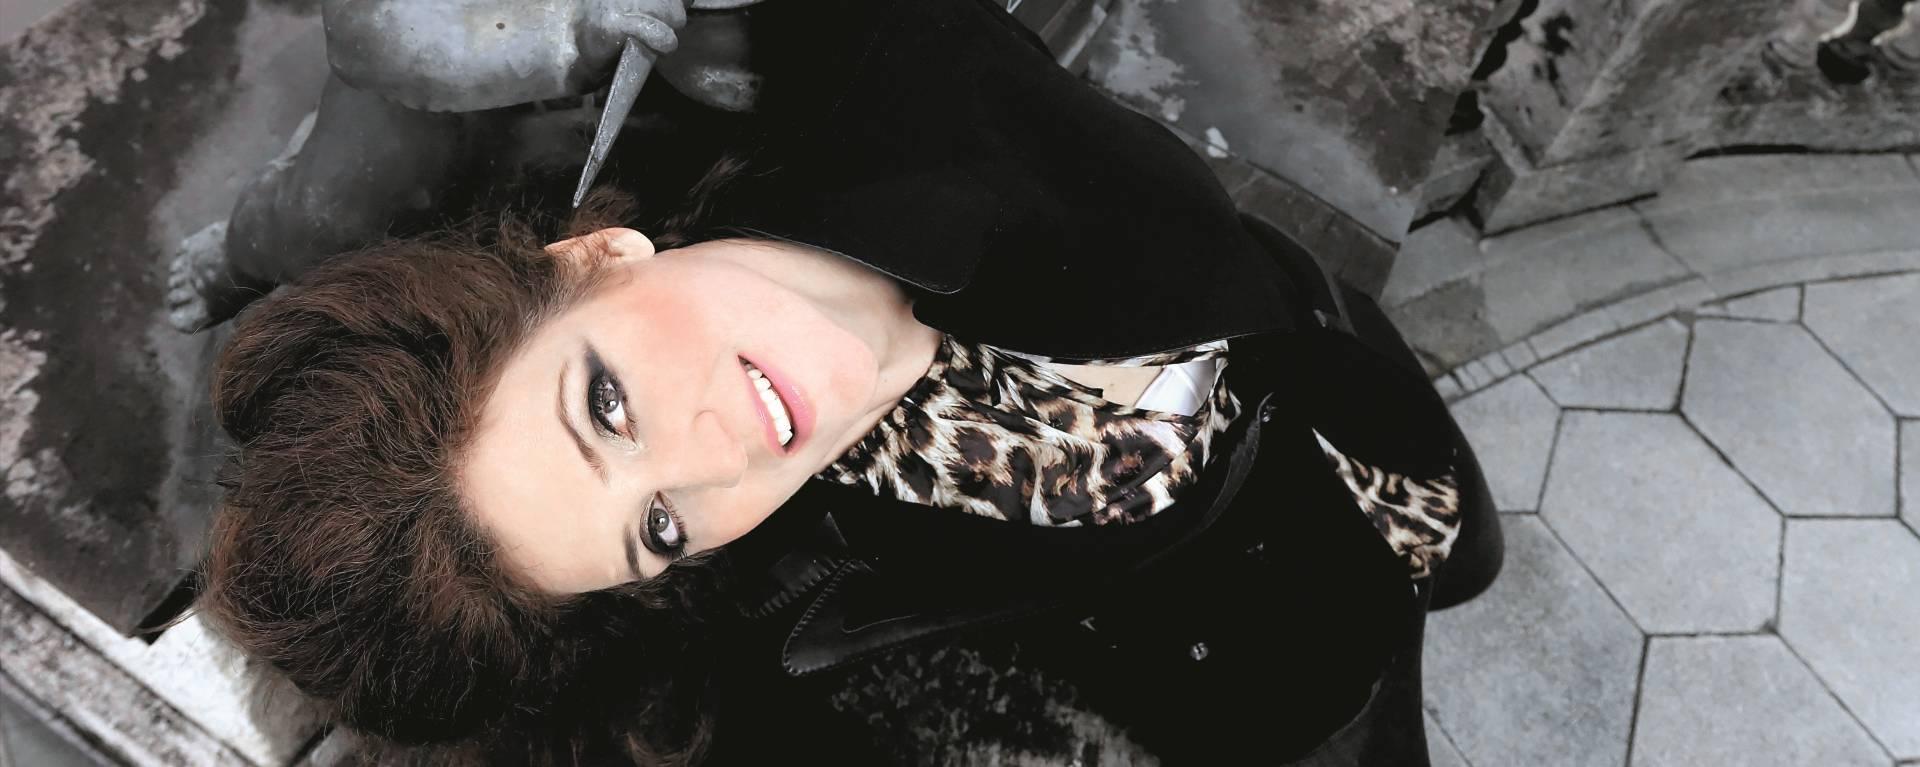 NACIONAL DONOSI INTERVJU Dubravka Šeparović Mušović: 'Opera neće umrijeti jer emotivno dotiče ljude, a kritizira i izruguje društvo i politiku'